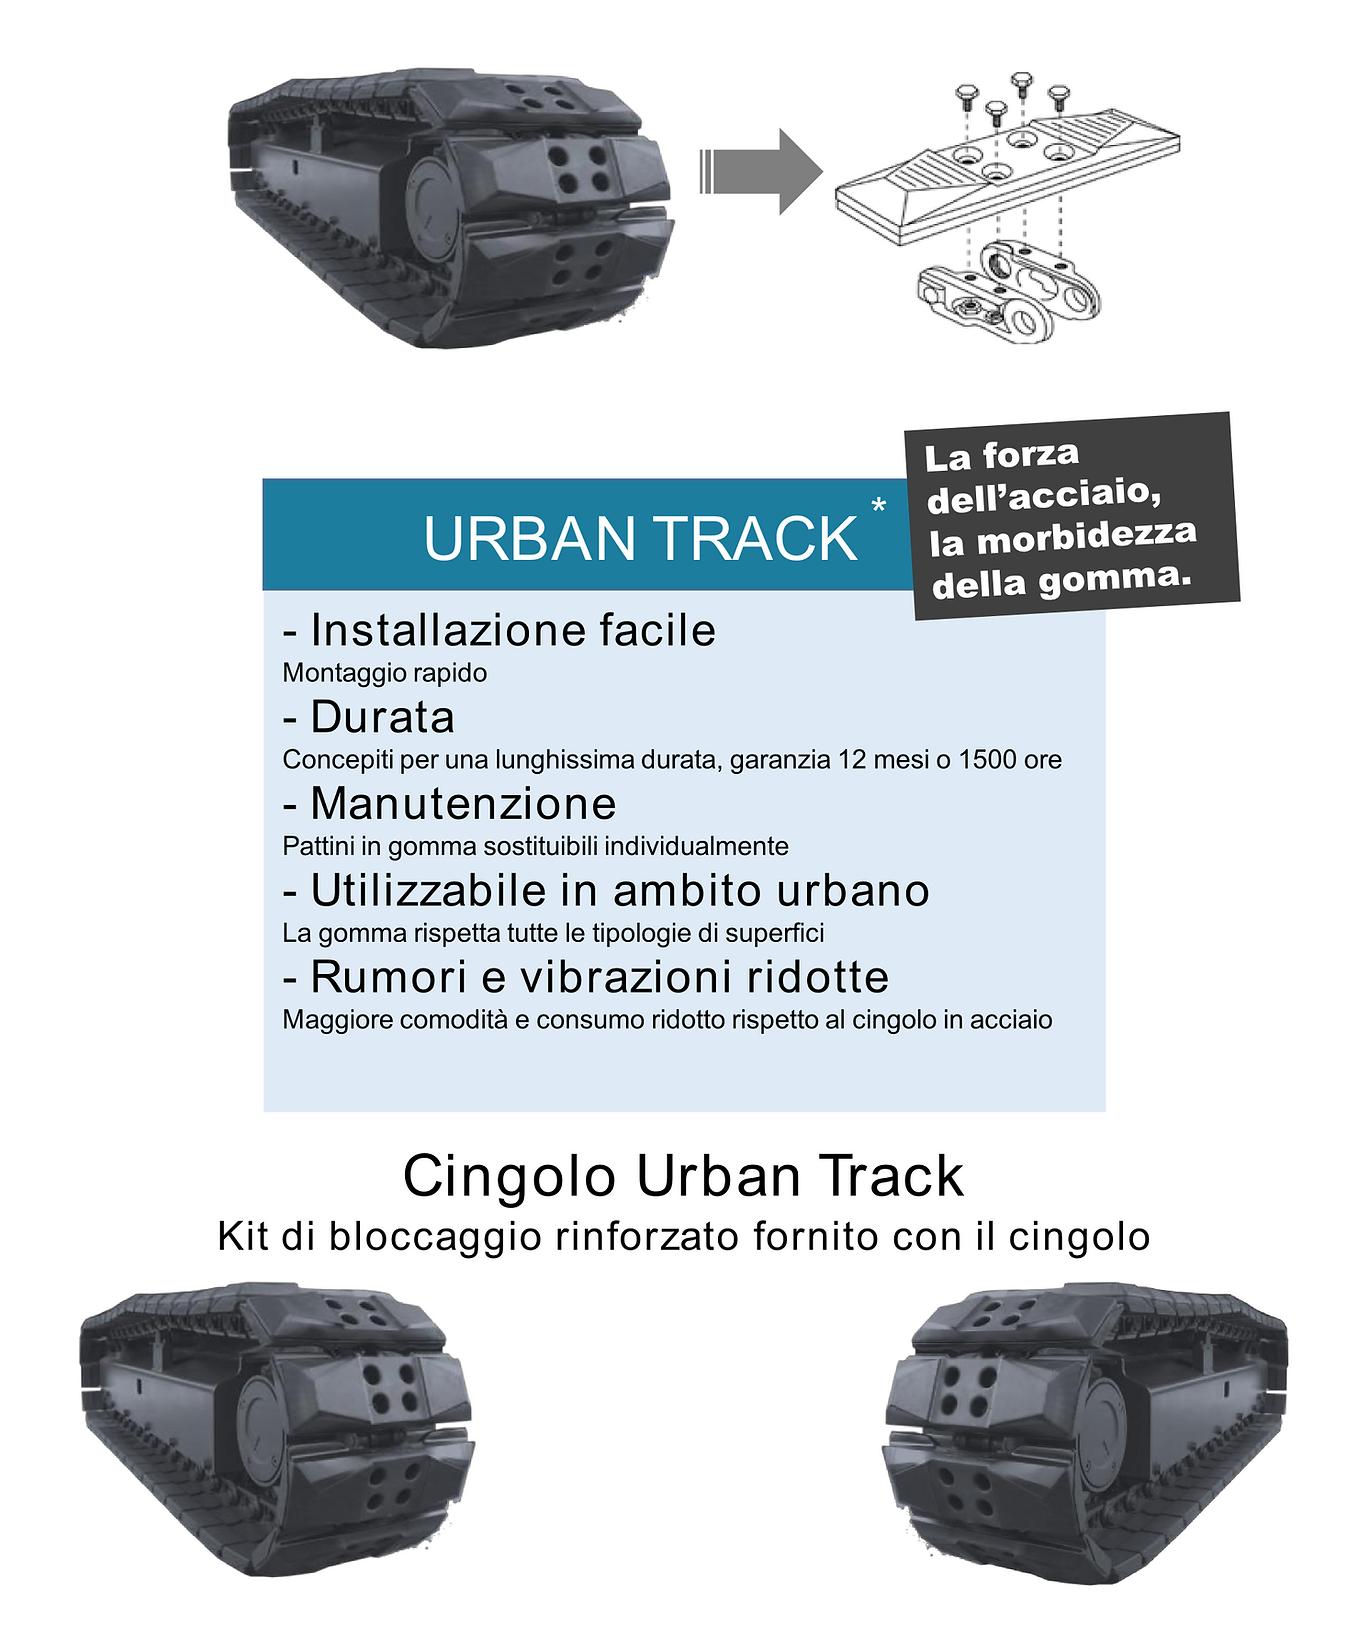 cingoli_urban_track.png